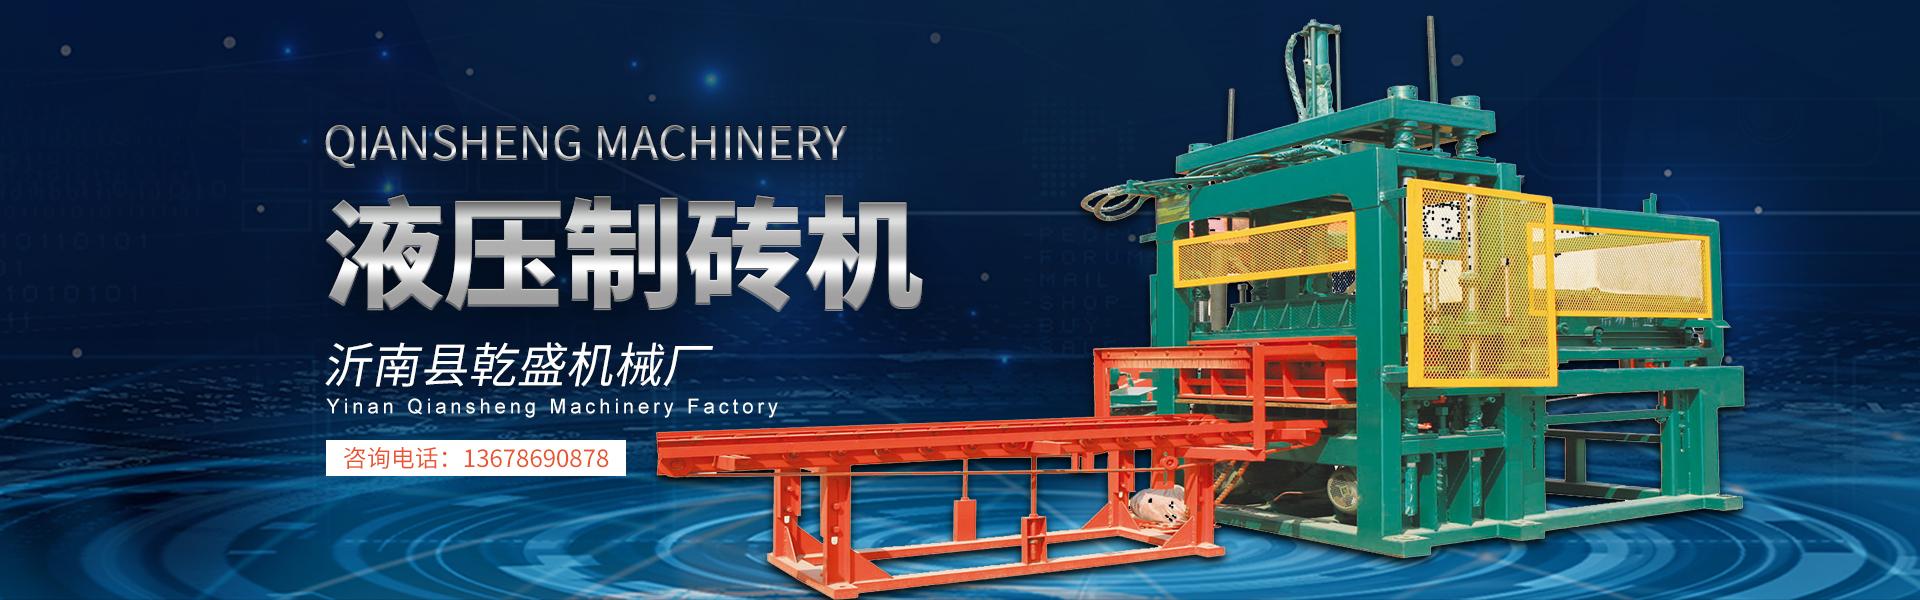 码砖机,抓砖机,抱砖机厂家,山东液压免烧砖机